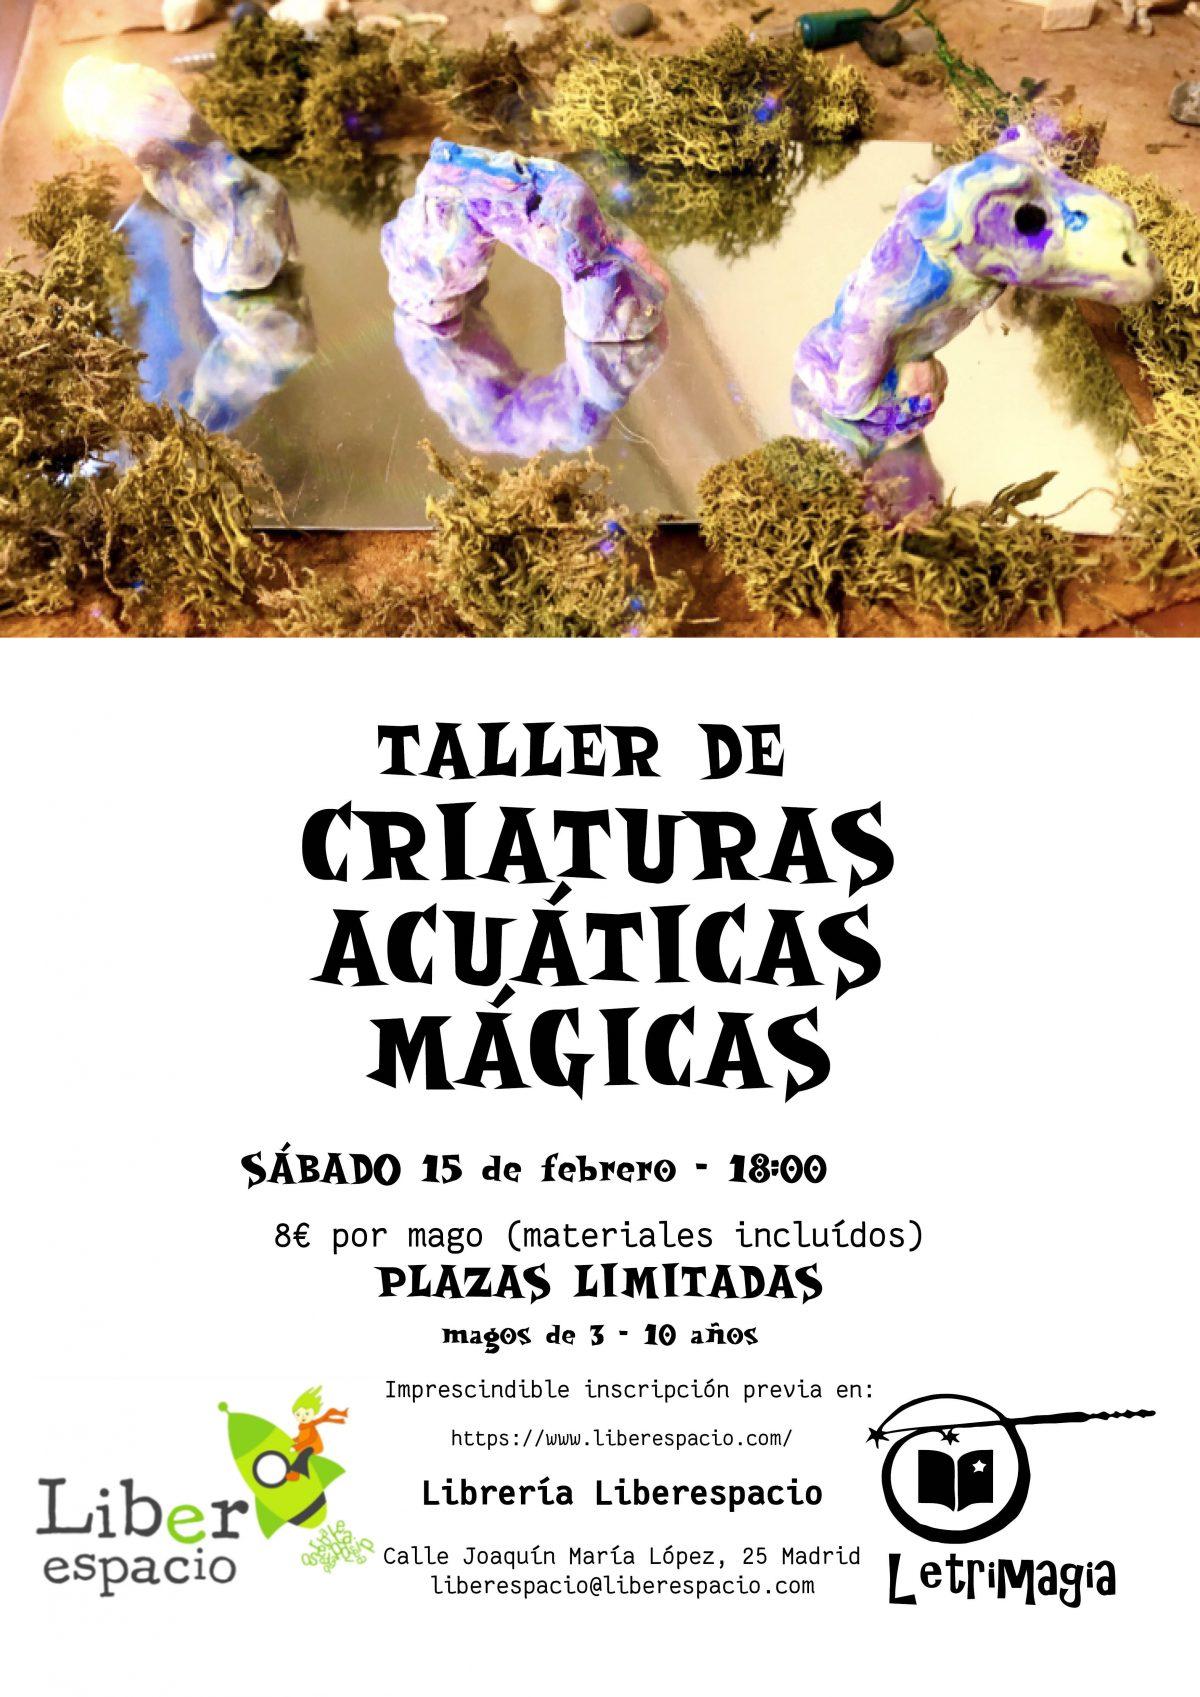 Criaturas_acuaticas feb20